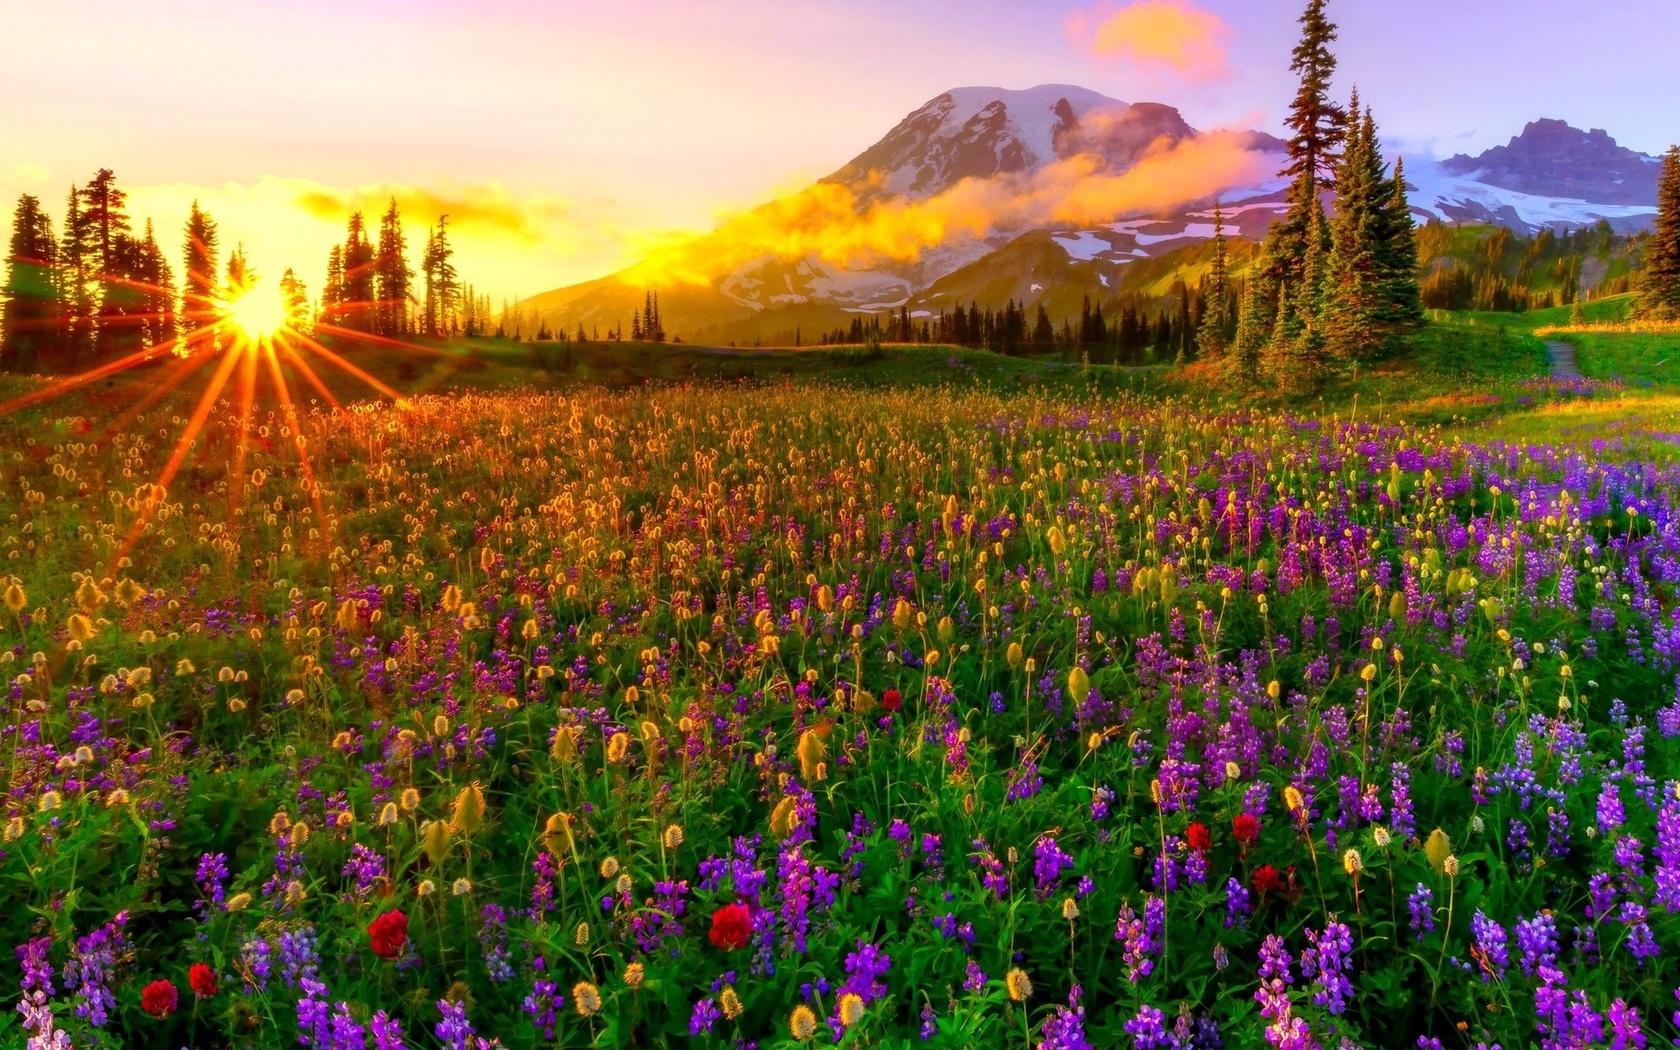 обзорными очень красивые картинки с природой и цветами первой тысячелетии